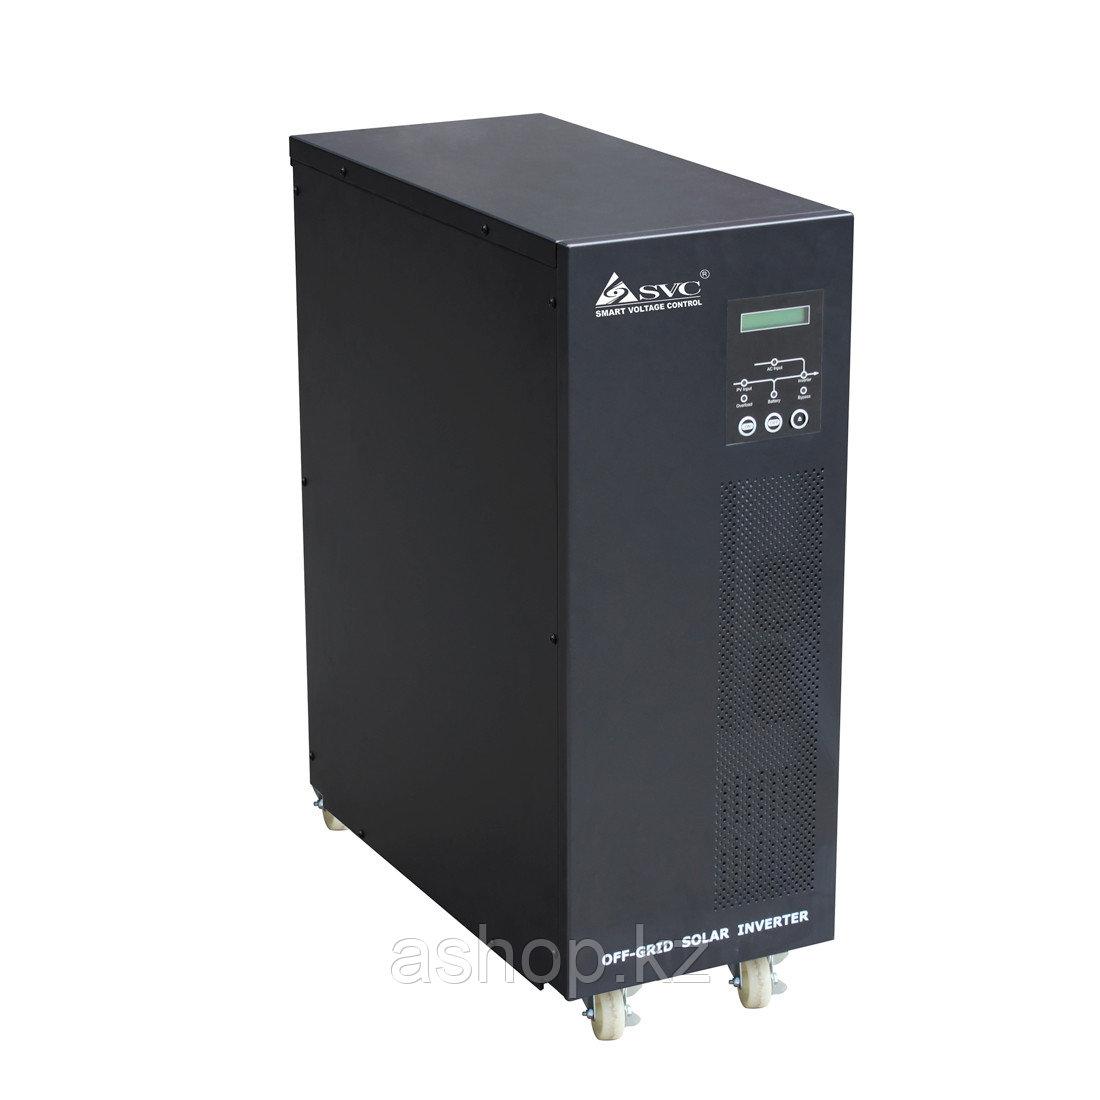 Инвертор SPV SPV-L-5000, Мощность нагрузки: 5 кВА, Питание: 220 В, 50 Гц, Выход: 220 В, Клемма, Чёрный